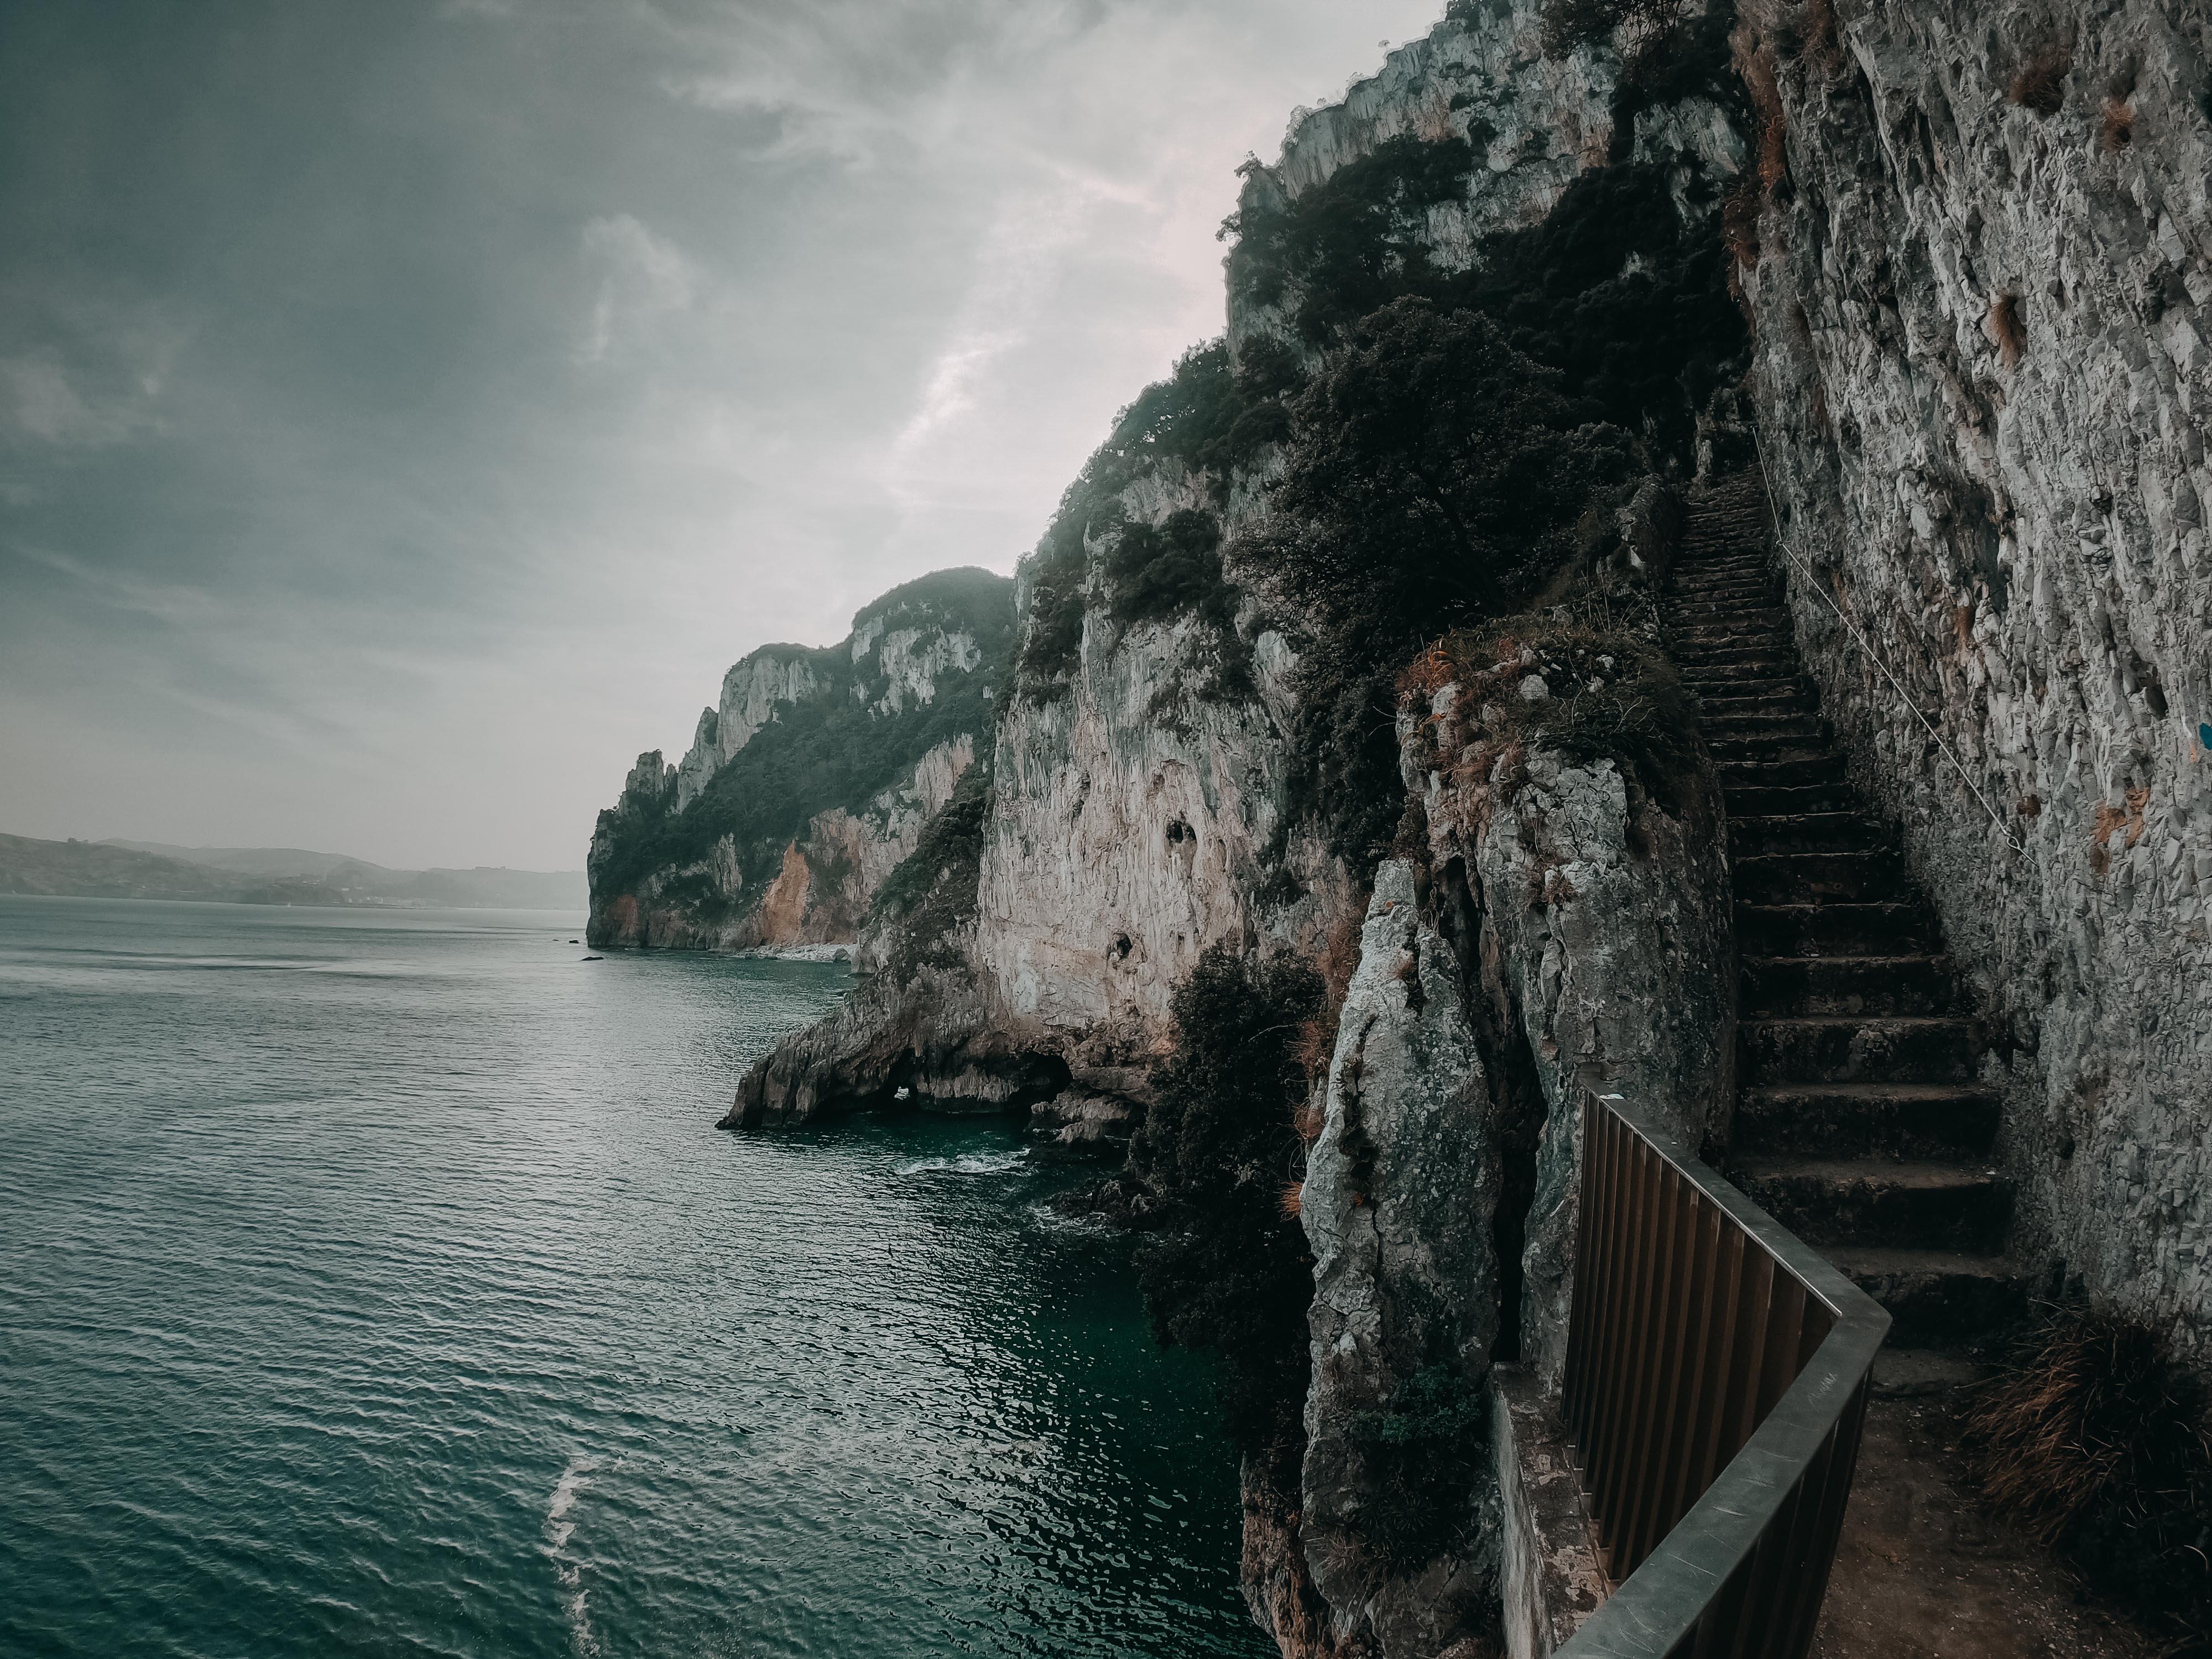 Escaleras y acantilados en el Monte Buciero, Santoña